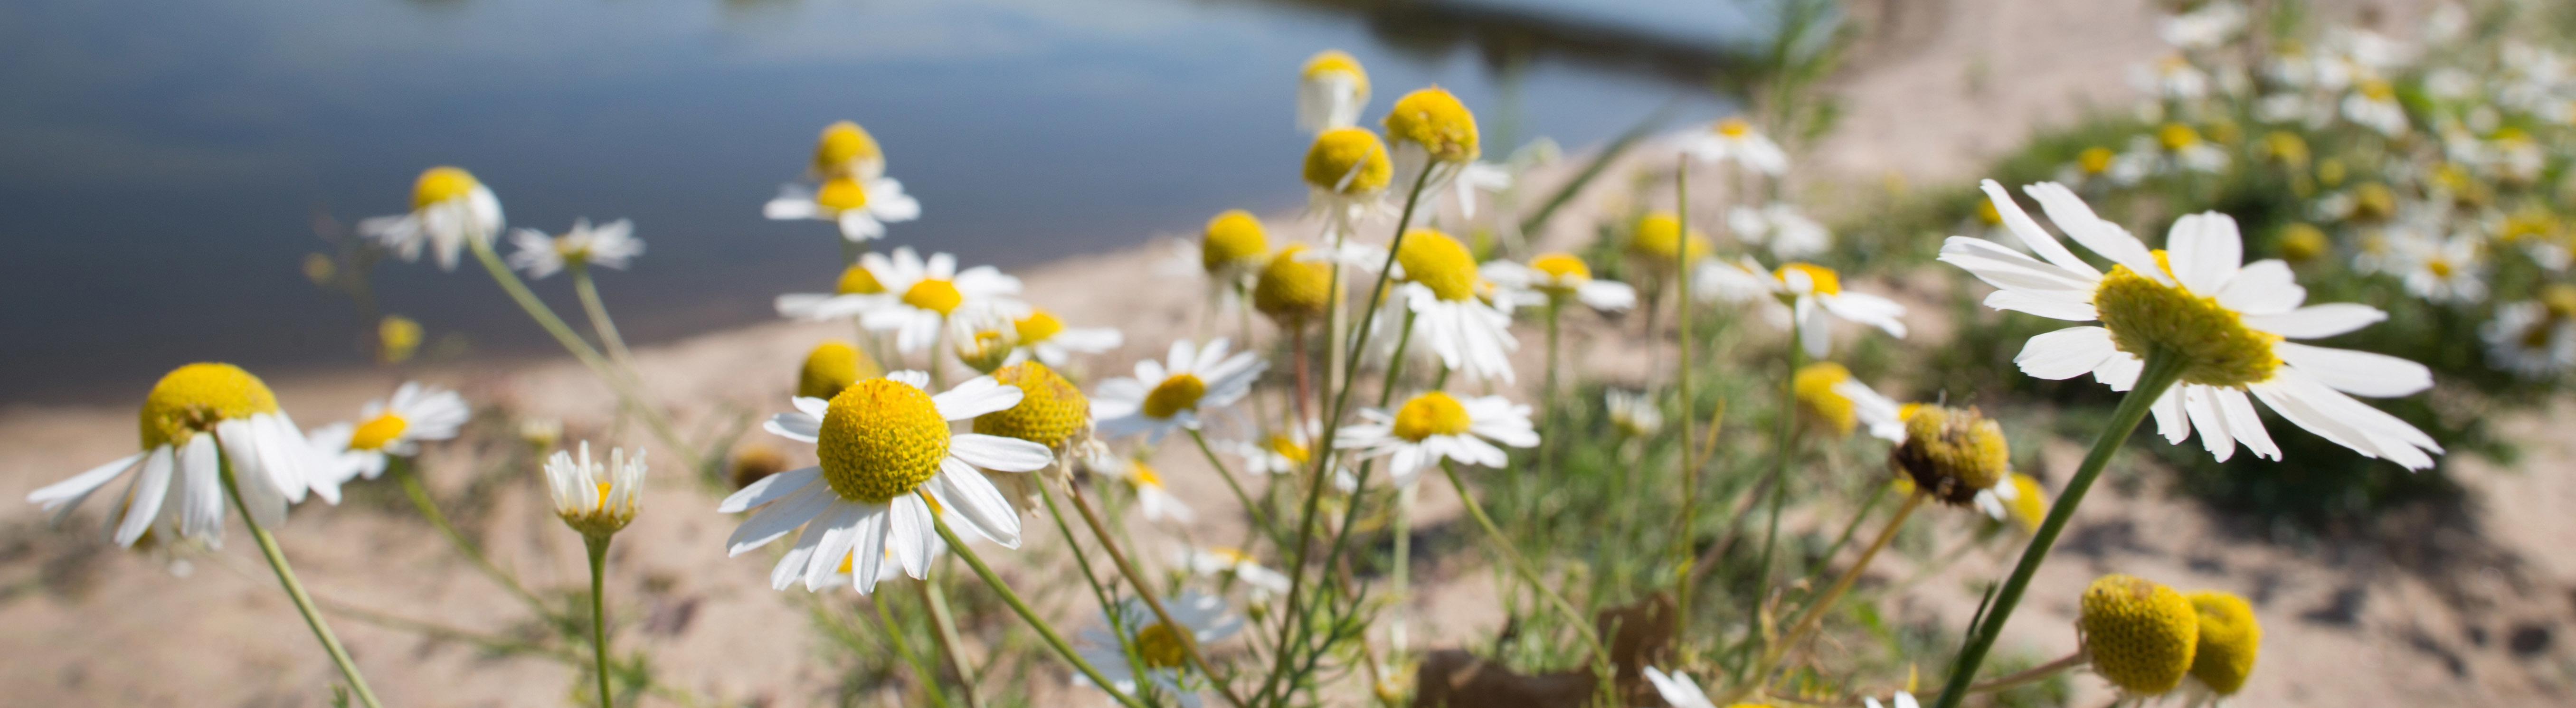 Kamille blüht am 02.08.2015 am Ufer der Lippe in Wesel (Nordrhein-Westfalen). Der Fluss Lippe ist in der Mündung verlegt worden. Entstanden ist ein einzigartiger Naturentwicklungsraum.